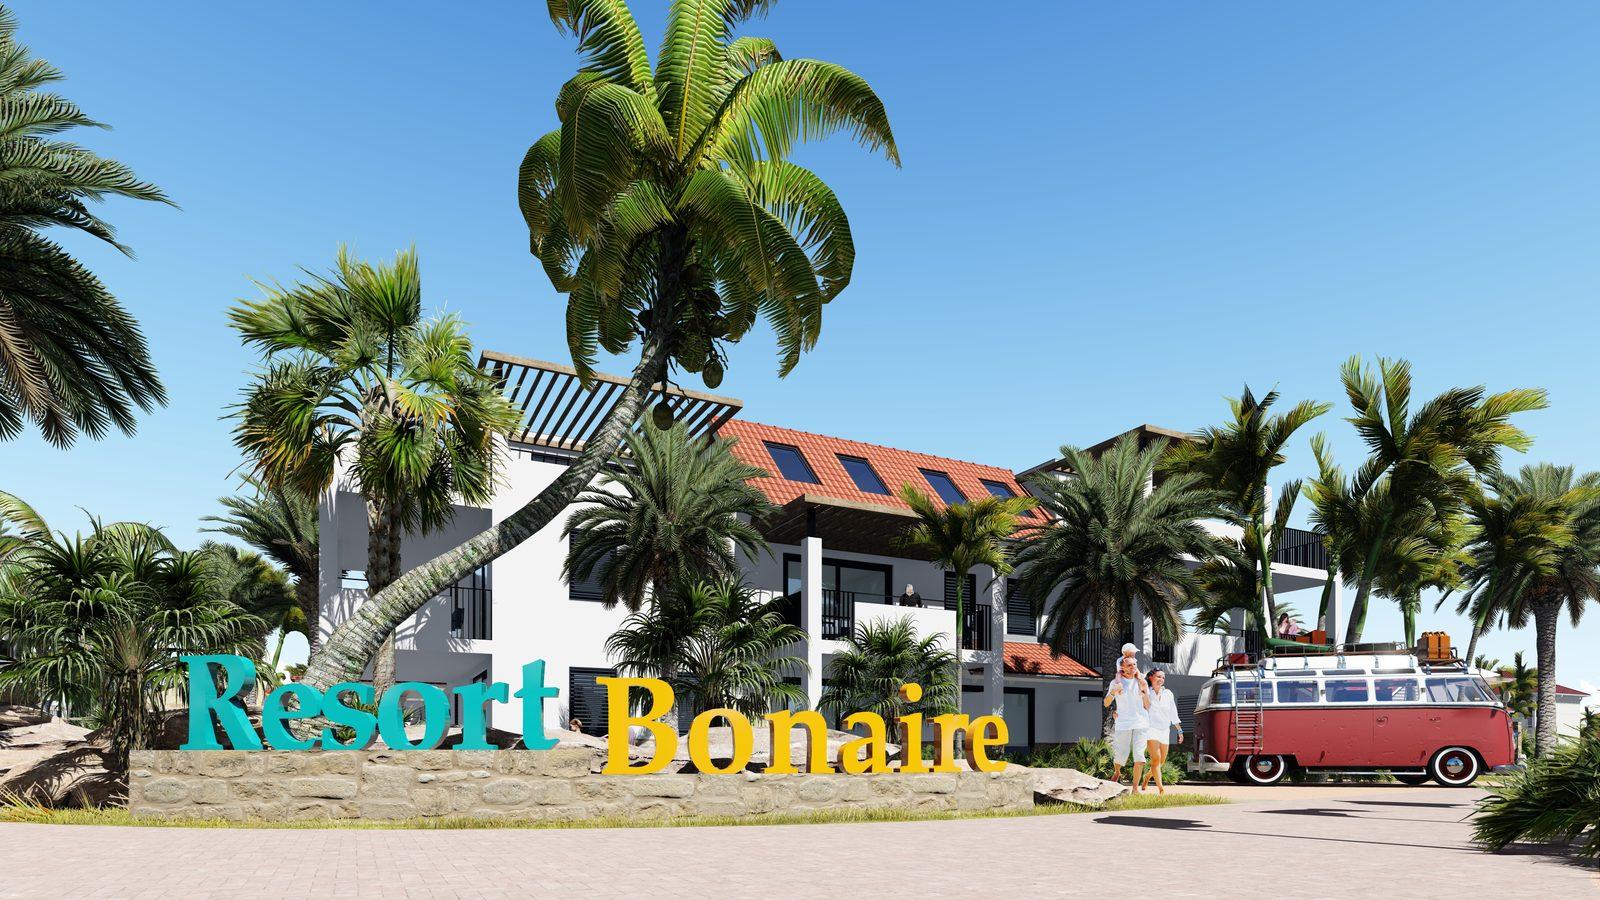 Casas en alquiler en Resort Bonaire, al sur de la capital, Kralendijk. Echa un vistazo a nuestros apartamentos y disfruta de tu estancia.